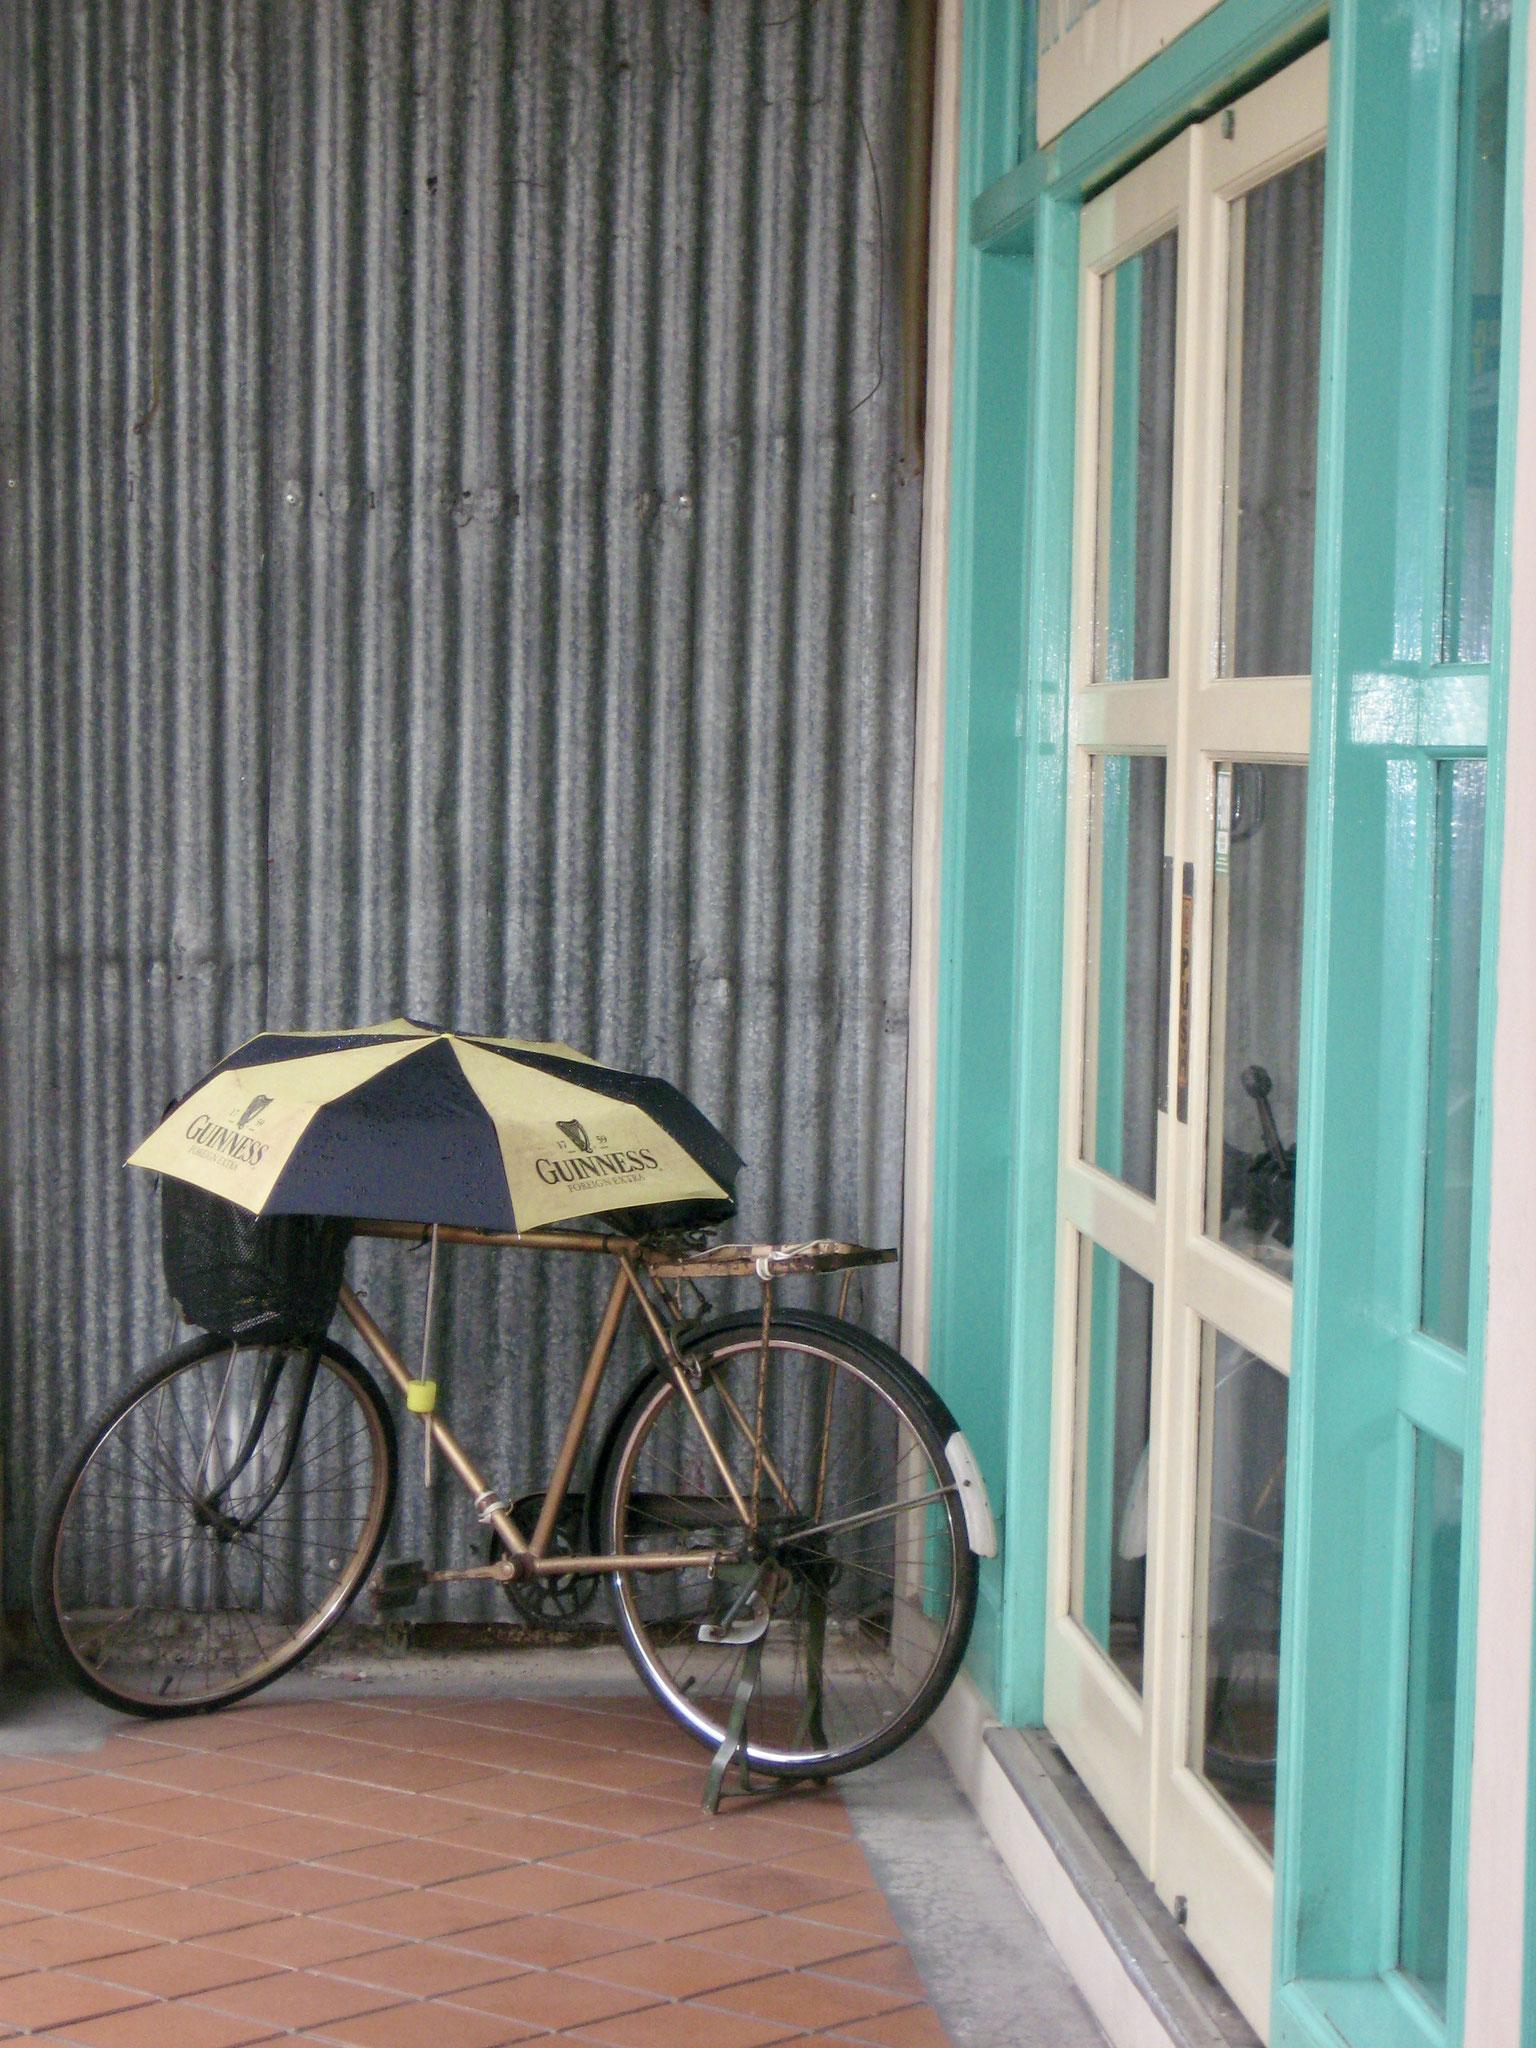 Kyoto umbrella bike